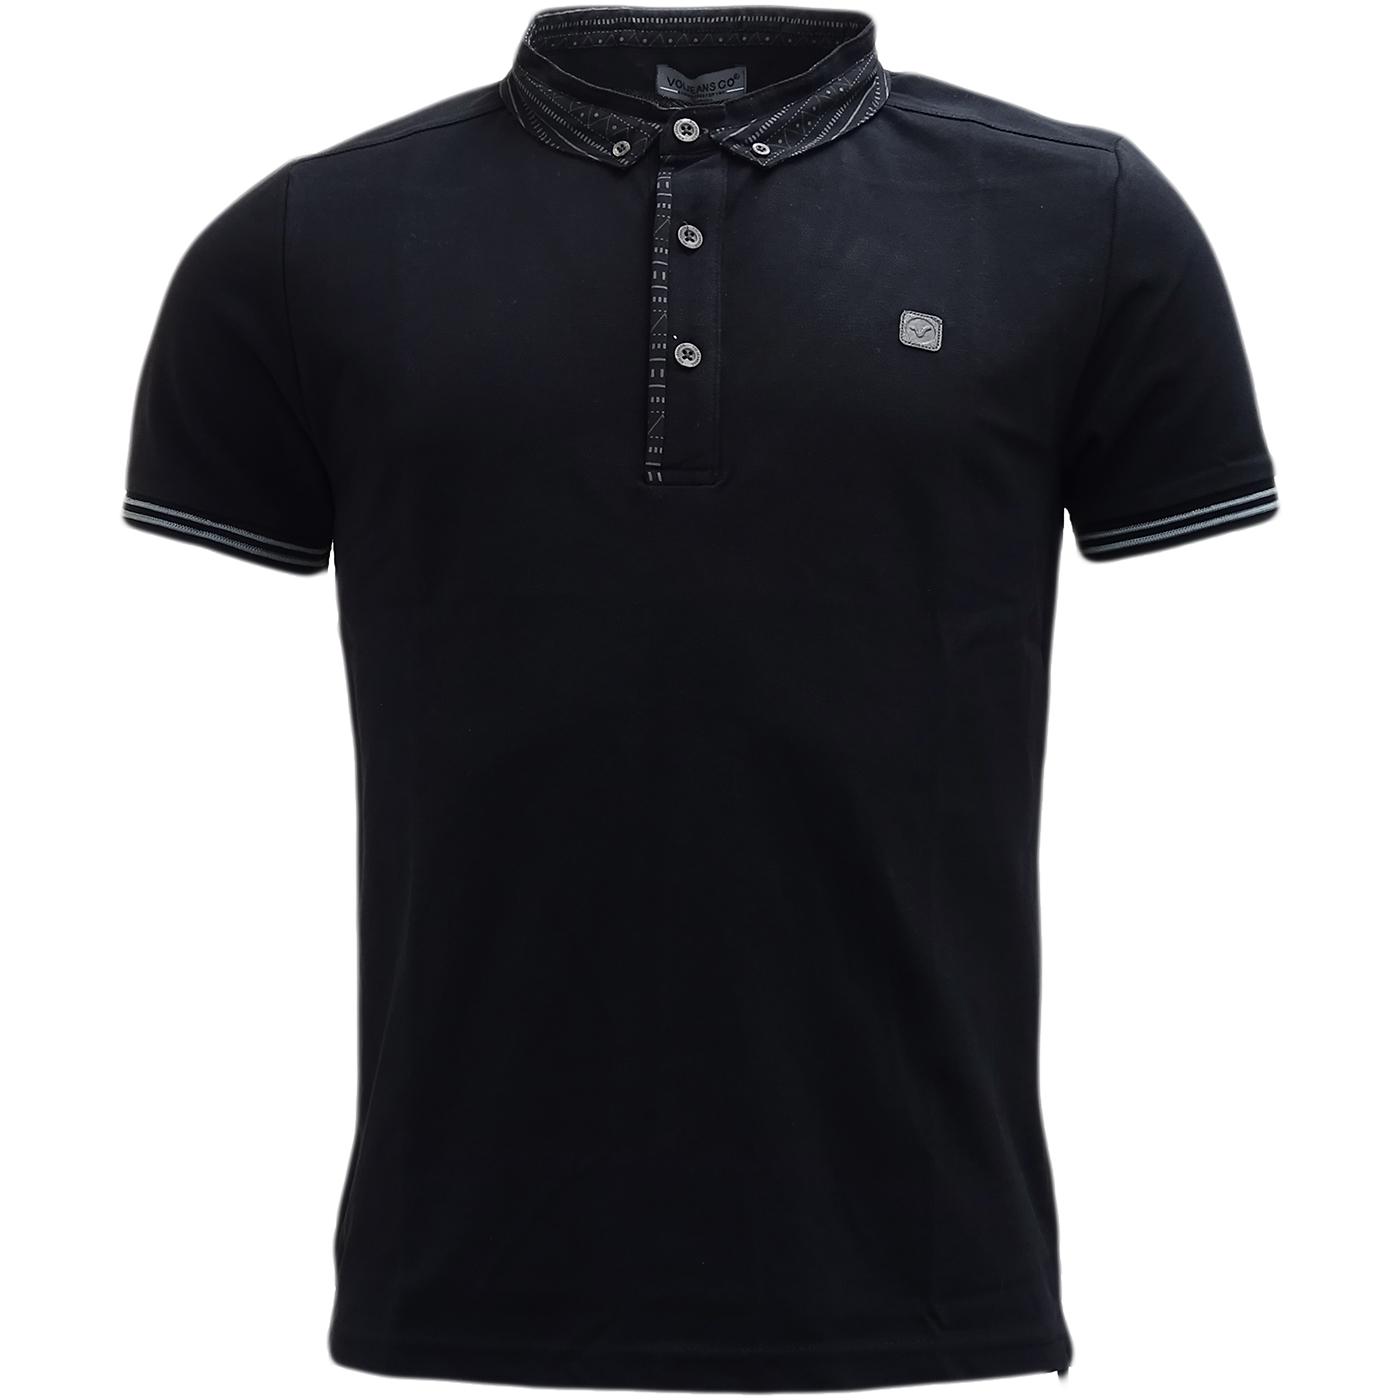 Voi black aztec button down collar polo shirt under 20 for No button polo shirts